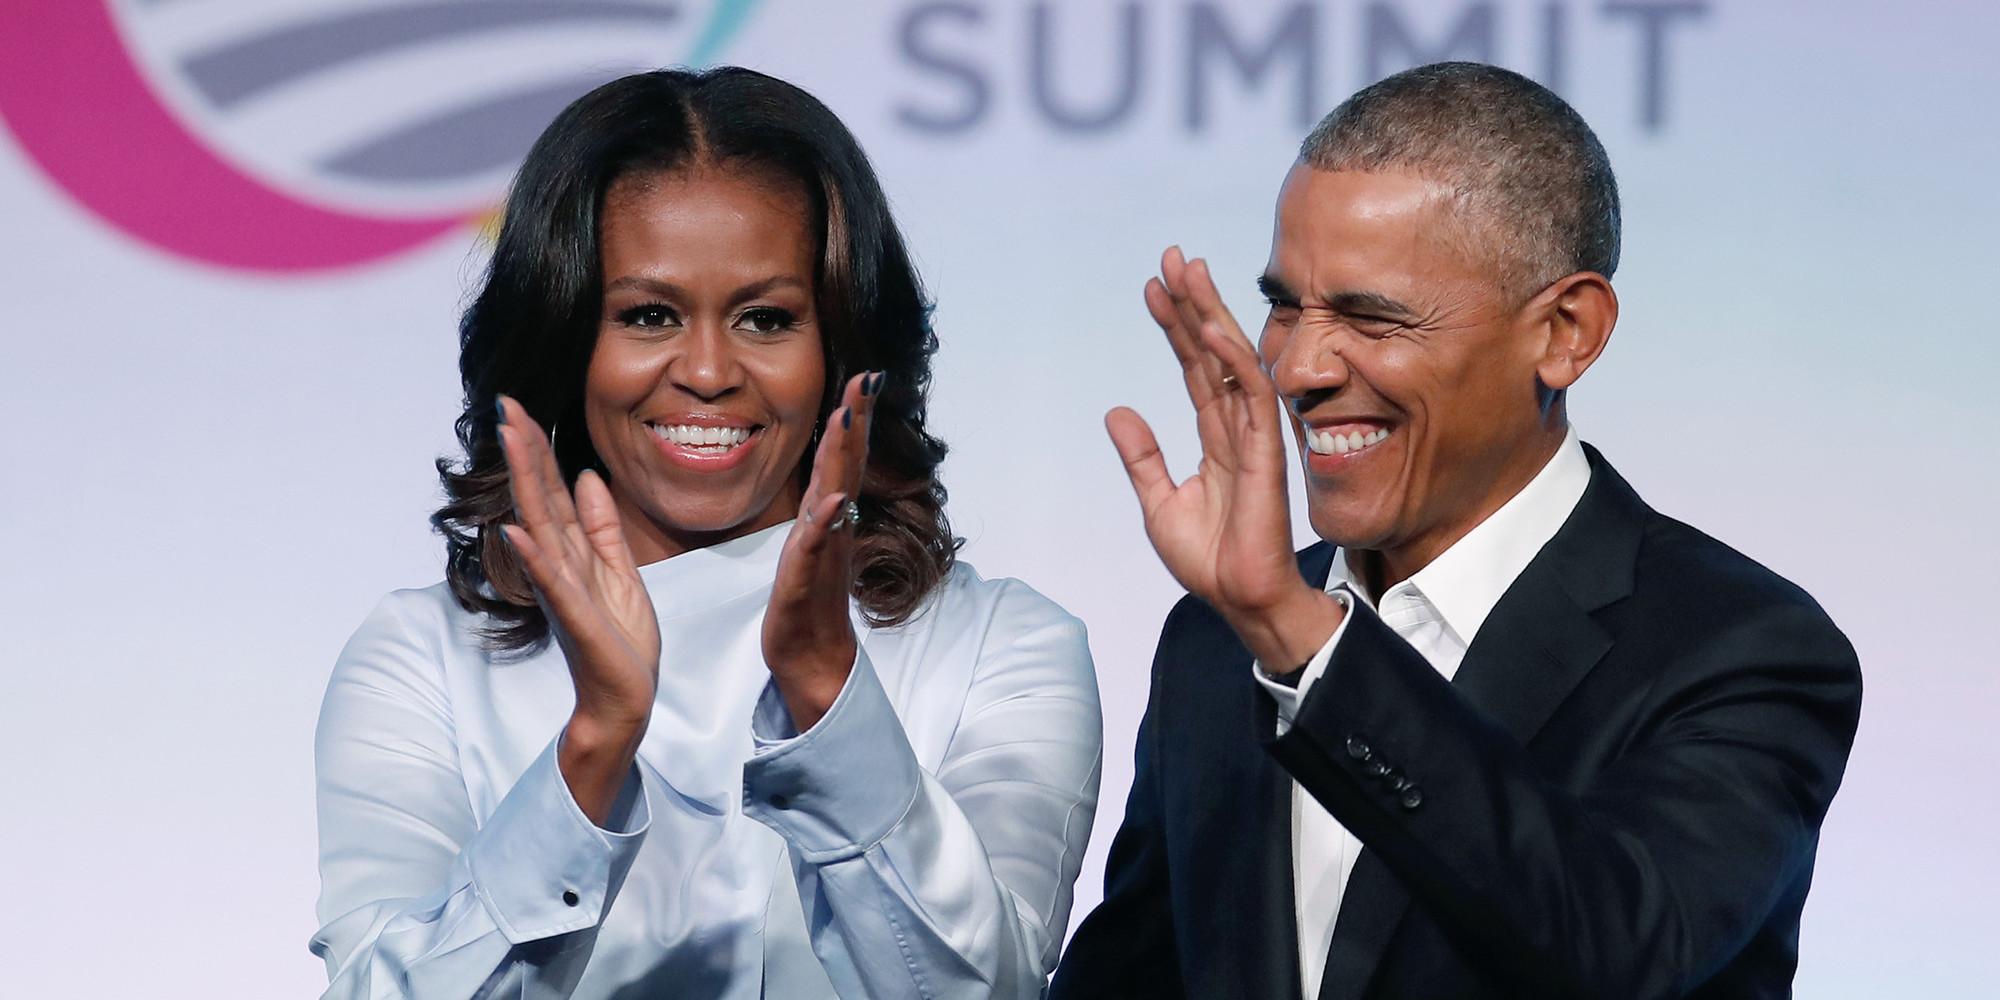 Barack et Michelle Obama, l'homme et la femme les plus admirés aux USA/ Photo: AFP